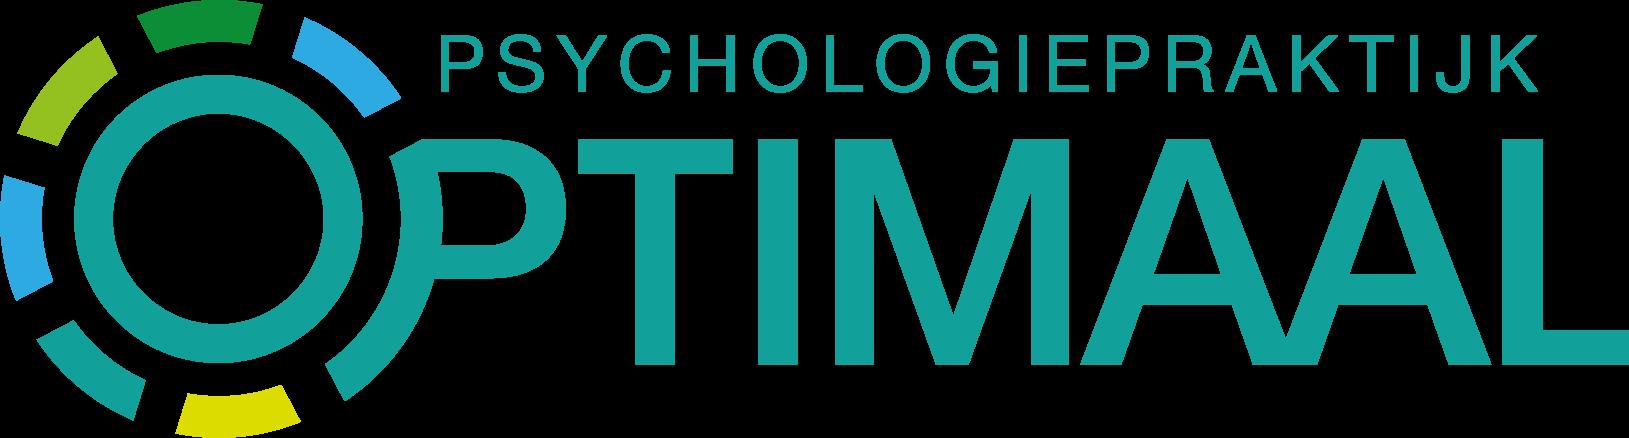 Optimaal Psychologie